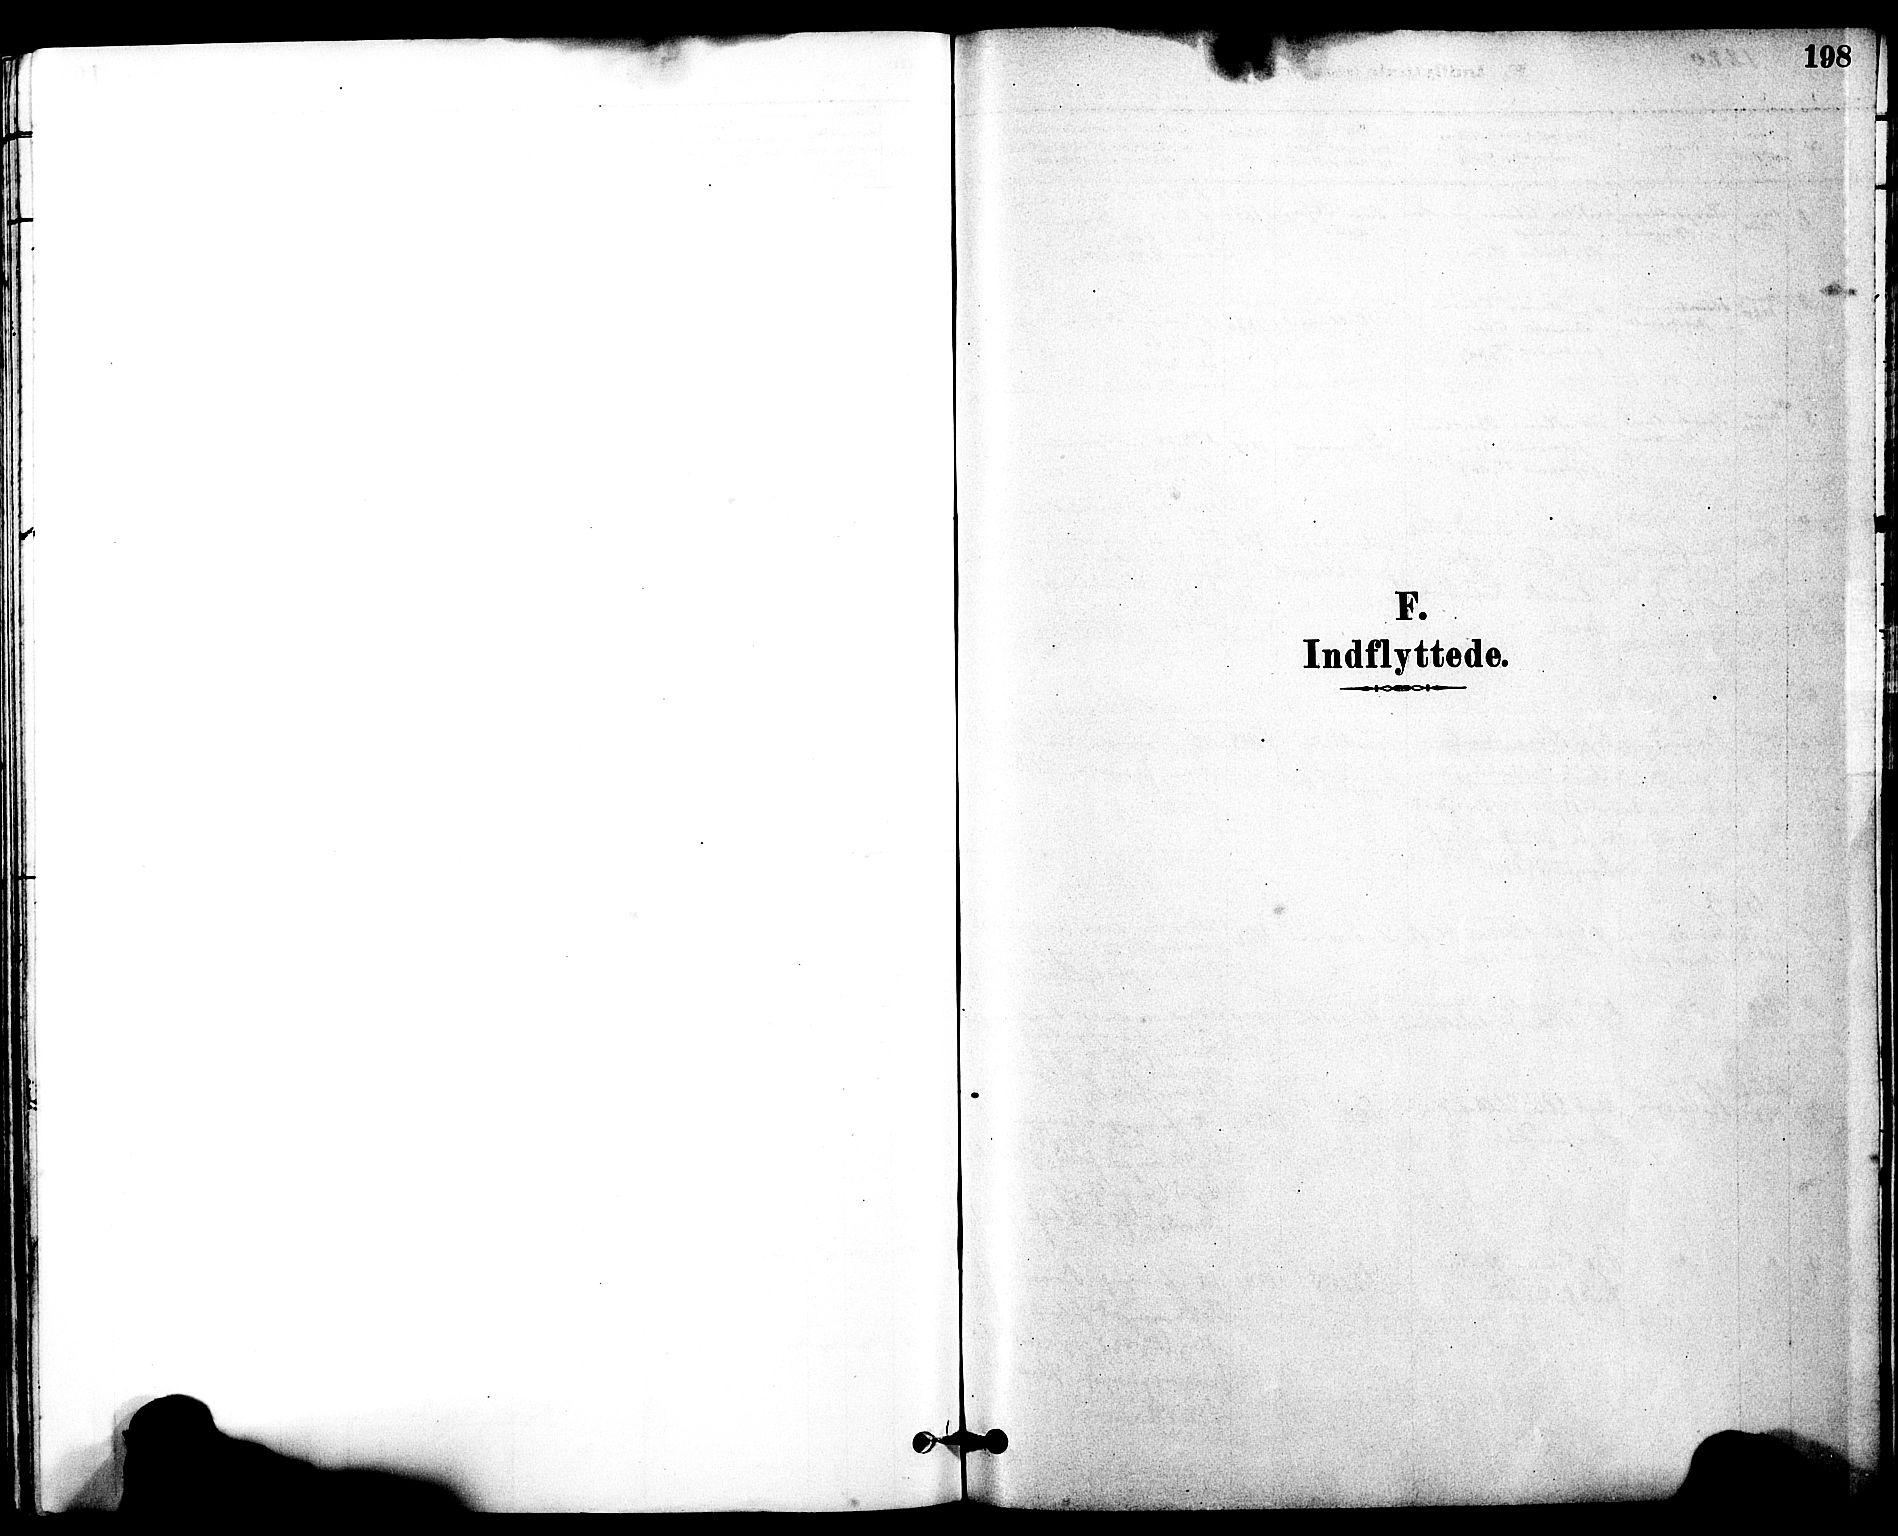 SAT, Ministerialprotokoller, klokkerbøker og fødselsregistre - Møre og Romsdal, 525/L0374: Ministerialbok nr. 525A04, 1880-1899, s. 198